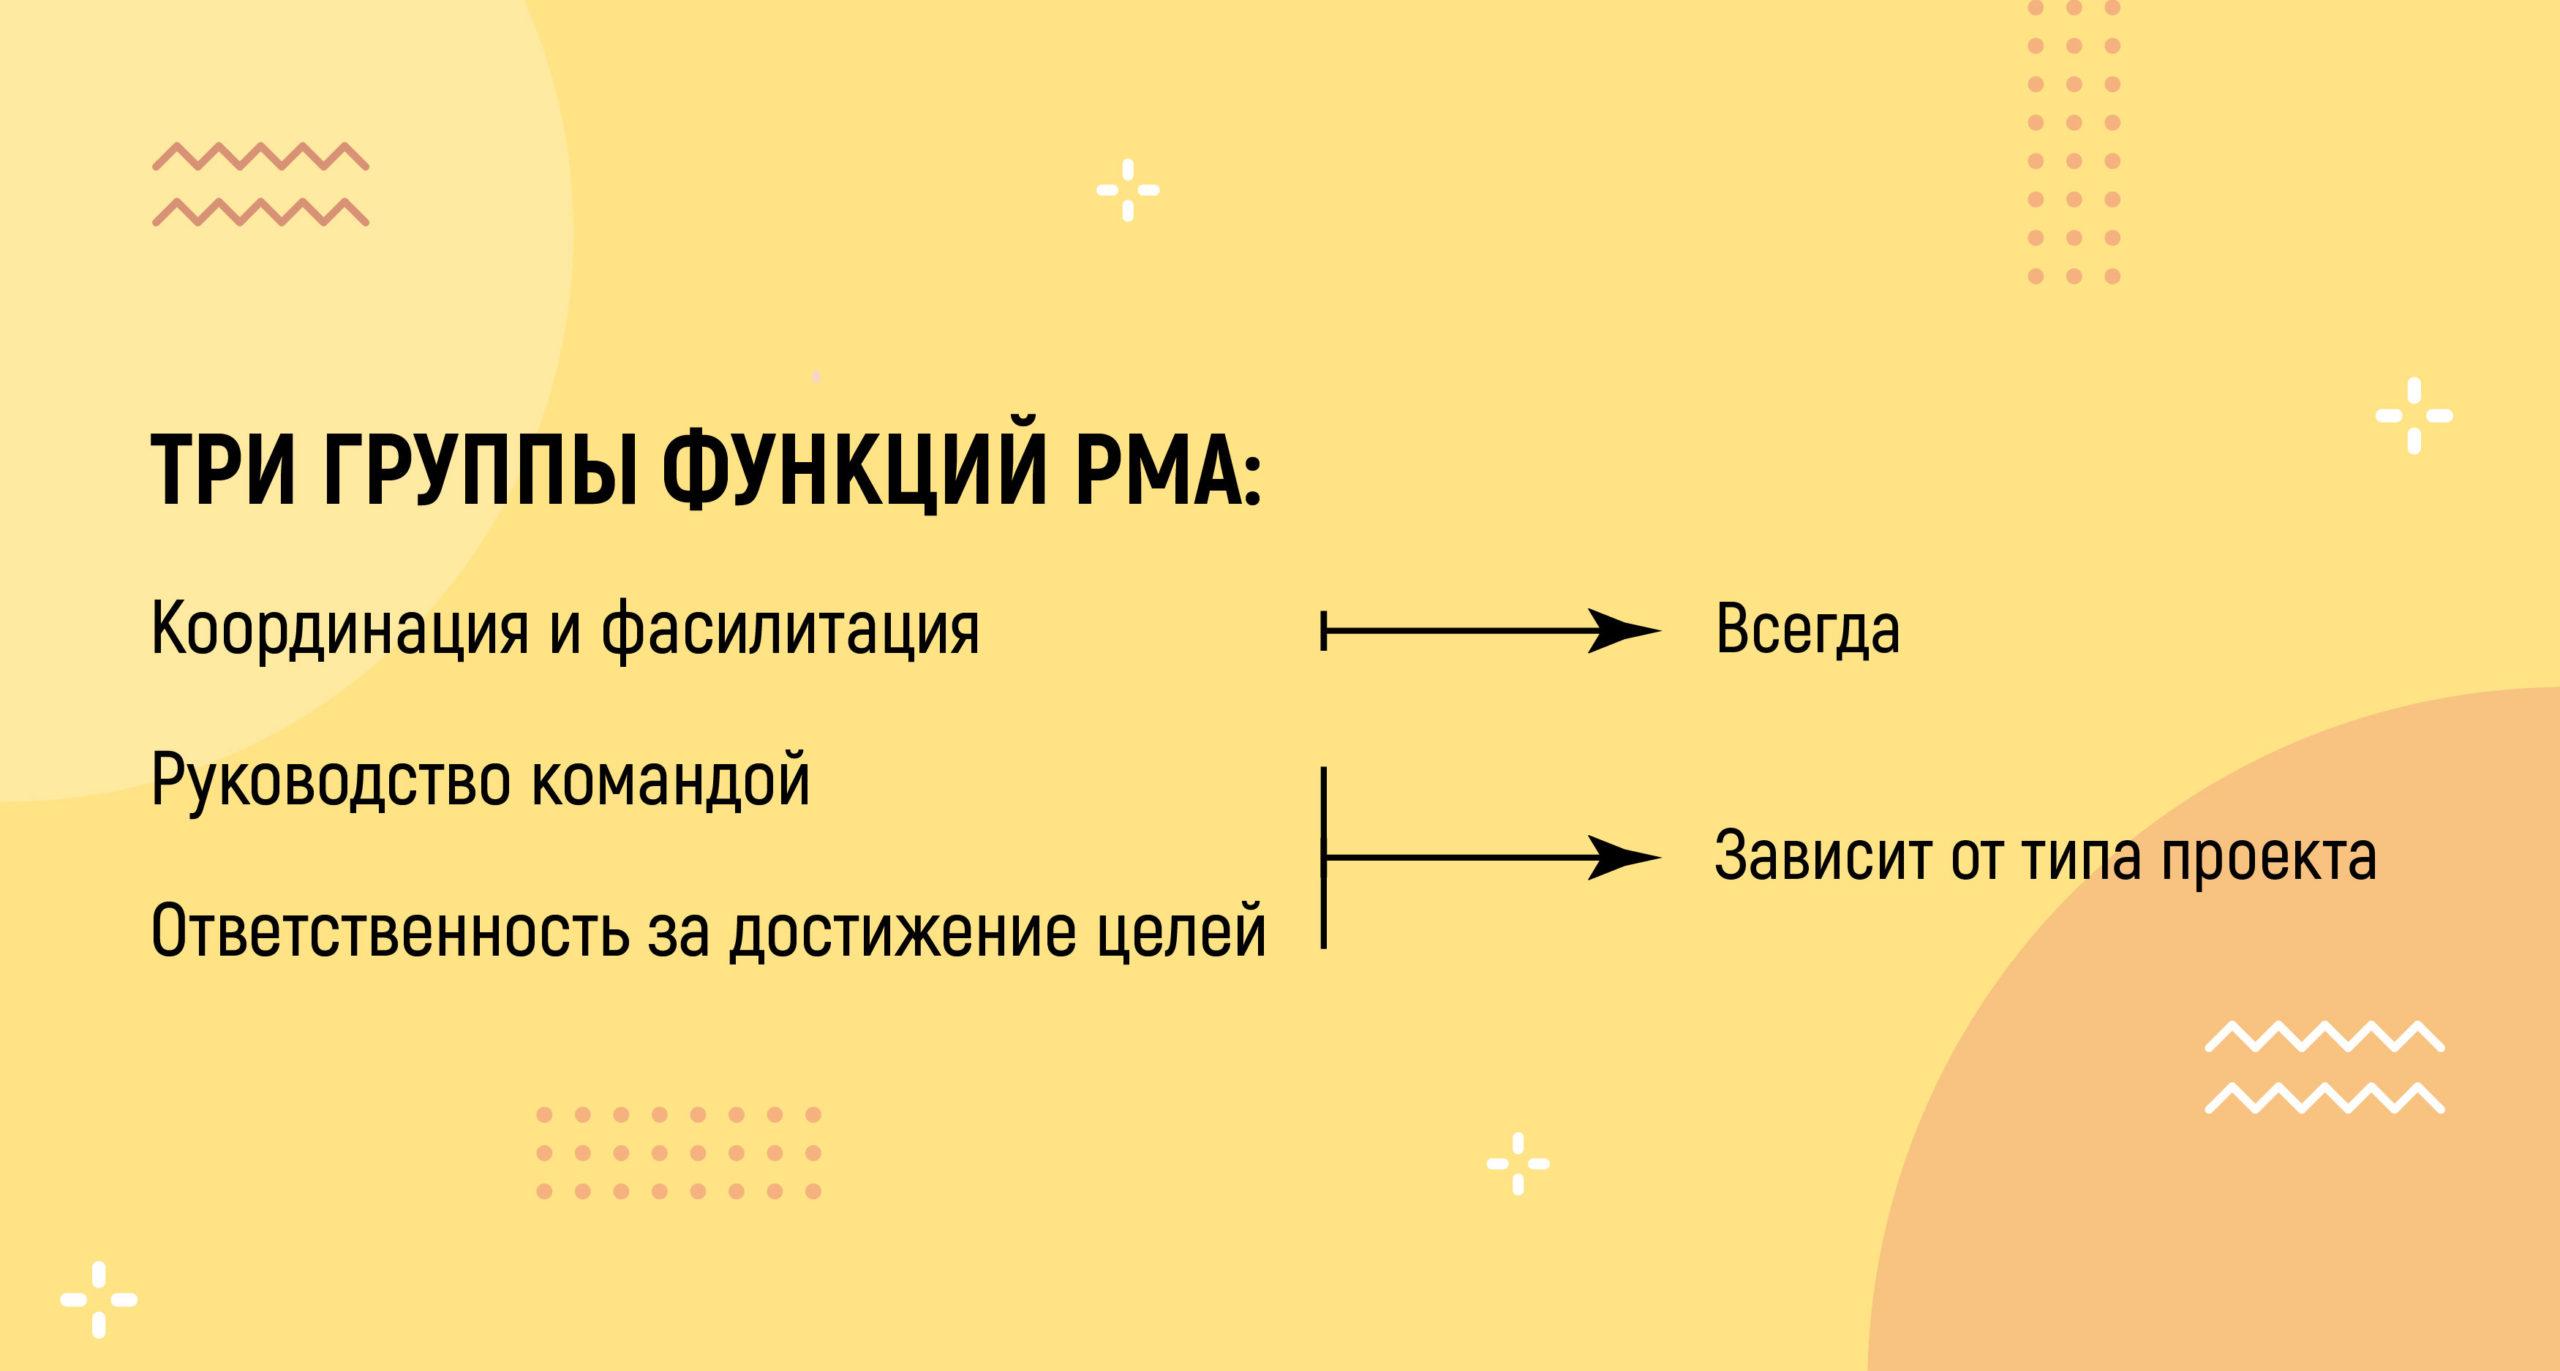 уровни квалификации PM-ов 2